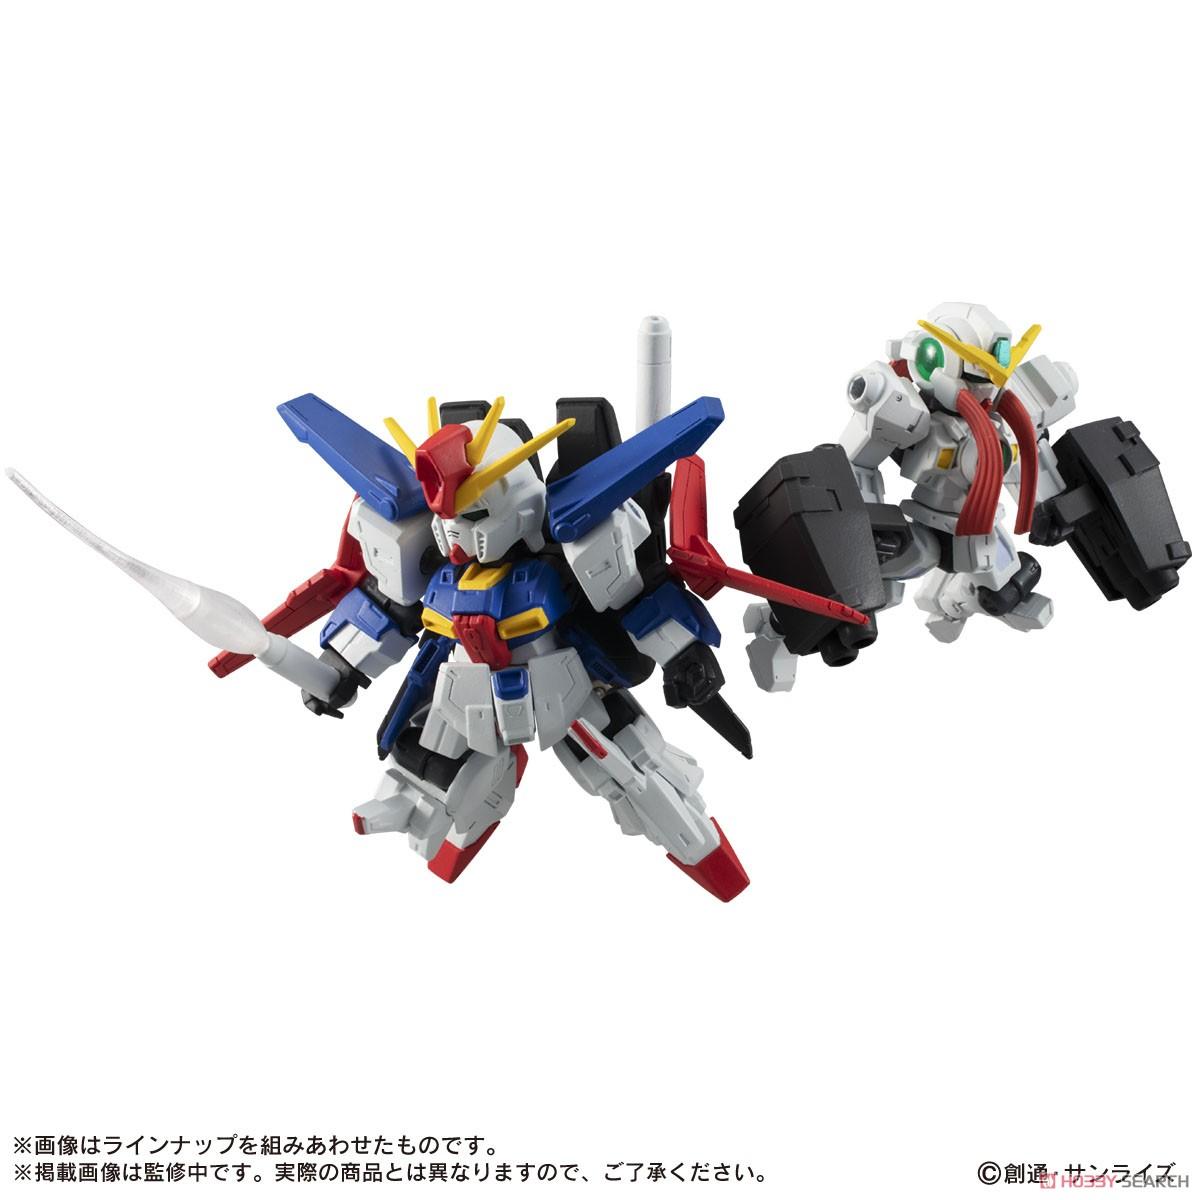 機動戦士ガンダム『MOBILE SUIT ENSEMBLE17』デフォルメ可動フィギュア 10個入りBOX-009